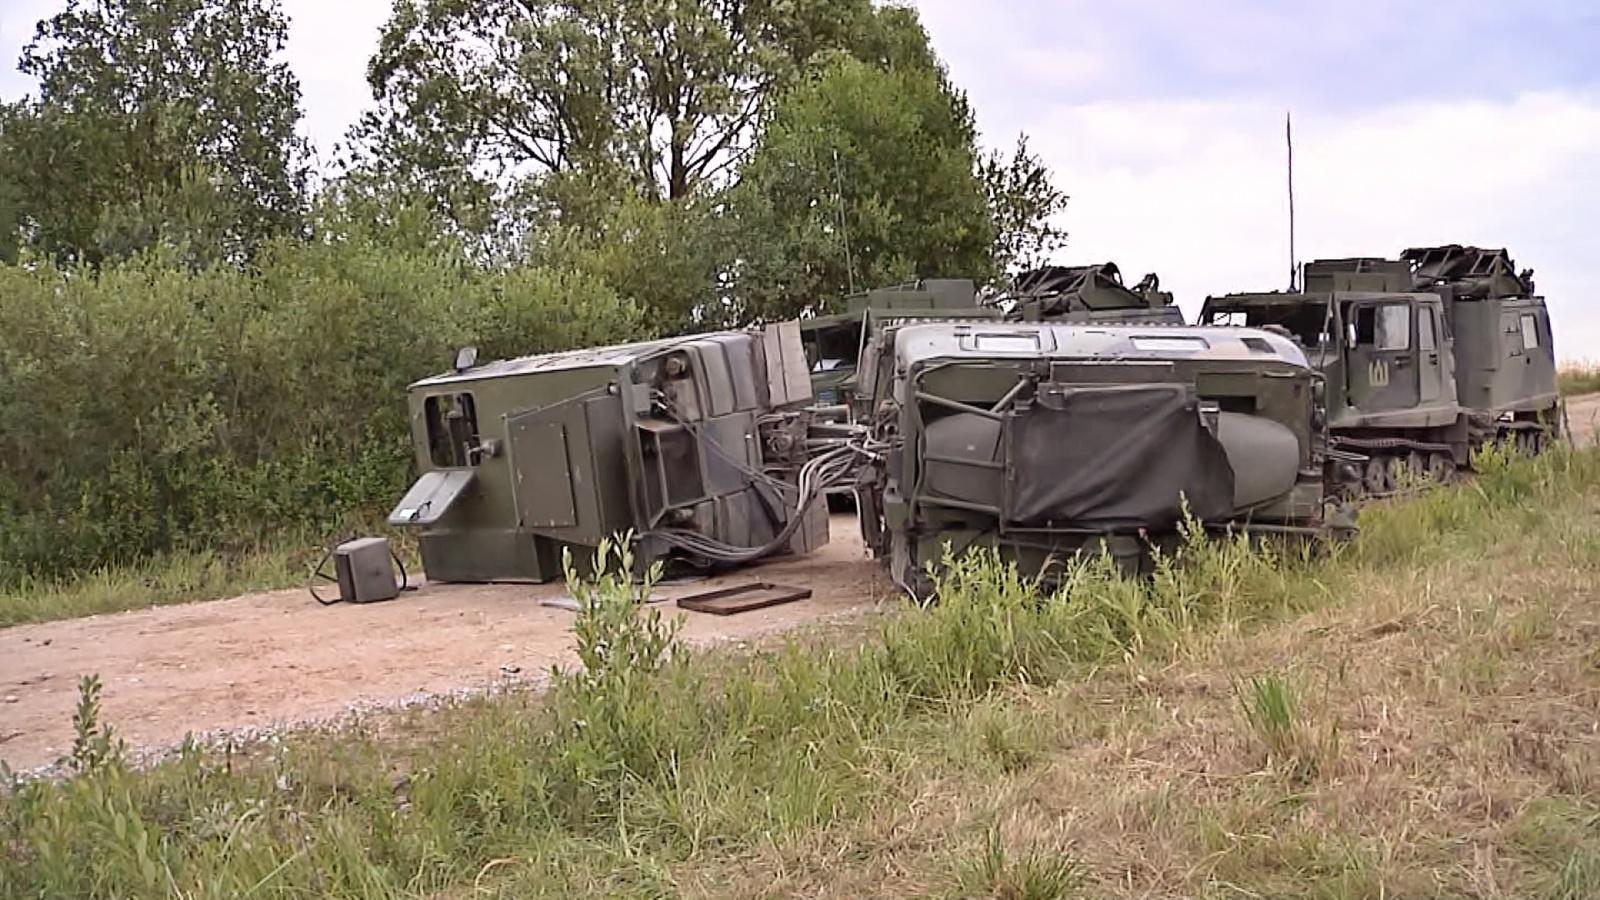 Šiaulių rajone apsivertė kariuomenės oro gynybos radaras, 5 kariai išvežti į ligoninę (vaizdo įrašas)